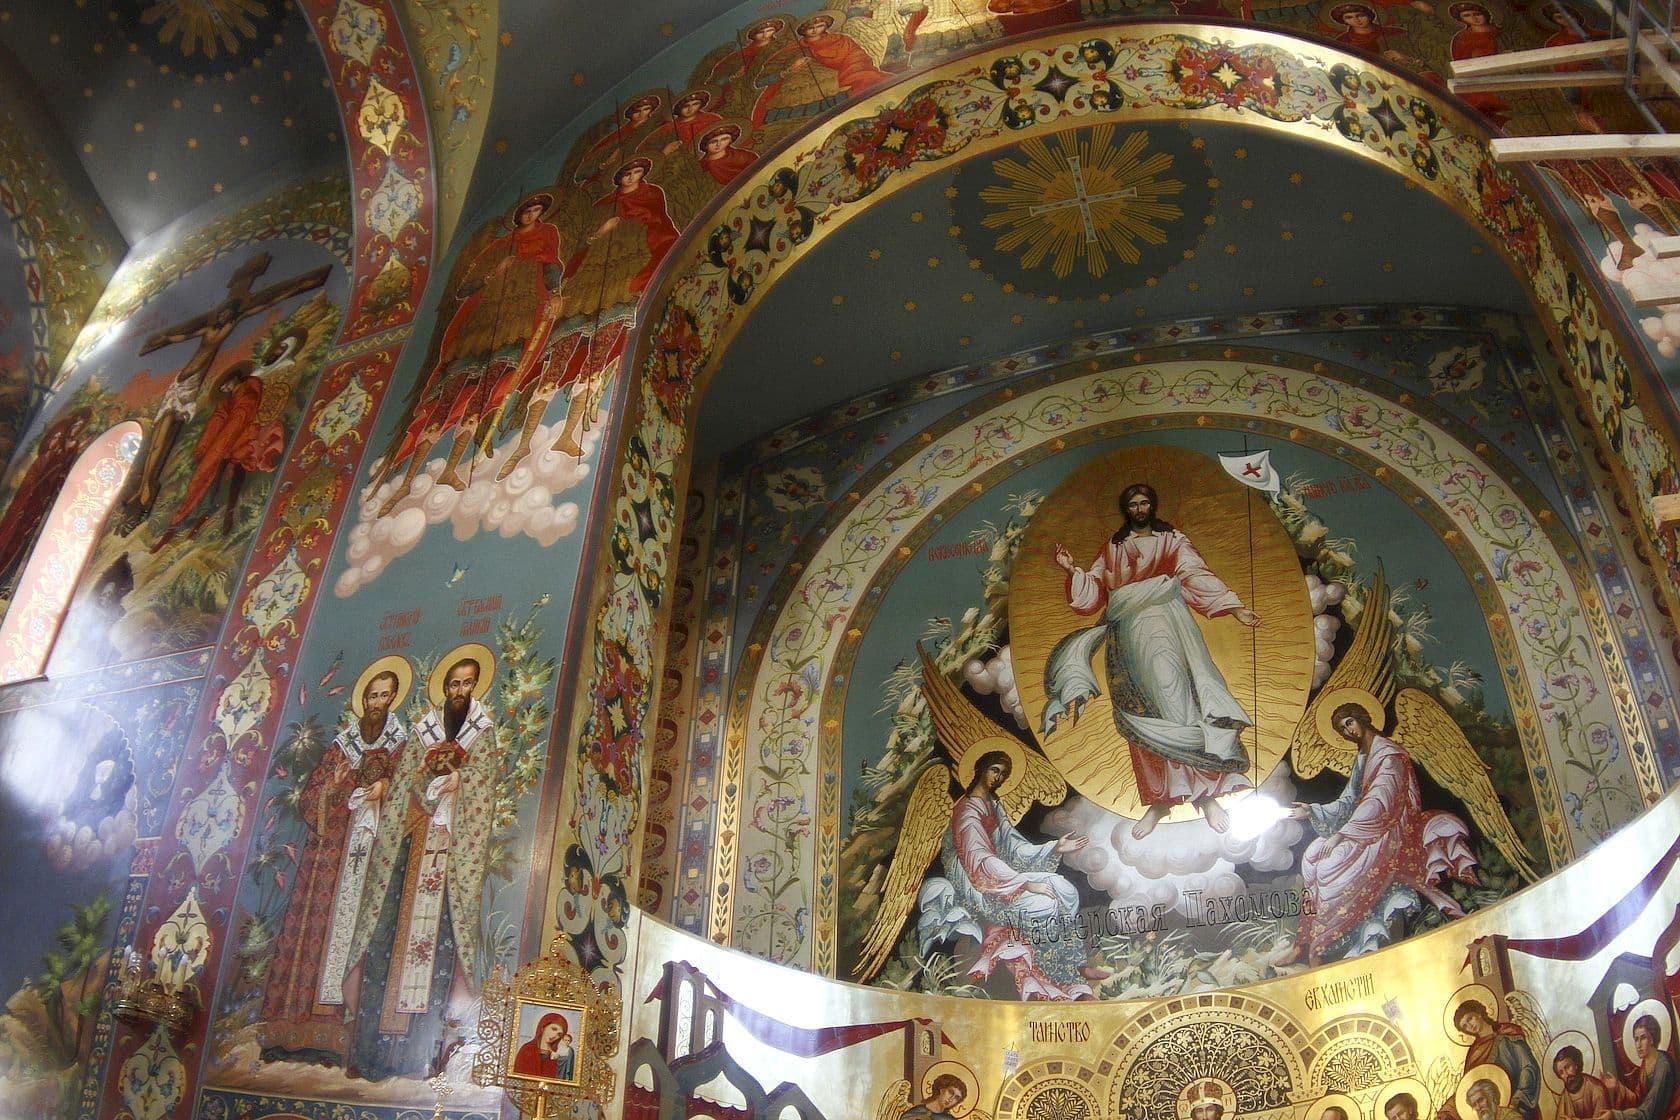 Иконописная Мастерская Пахомова - роспись православных храмов